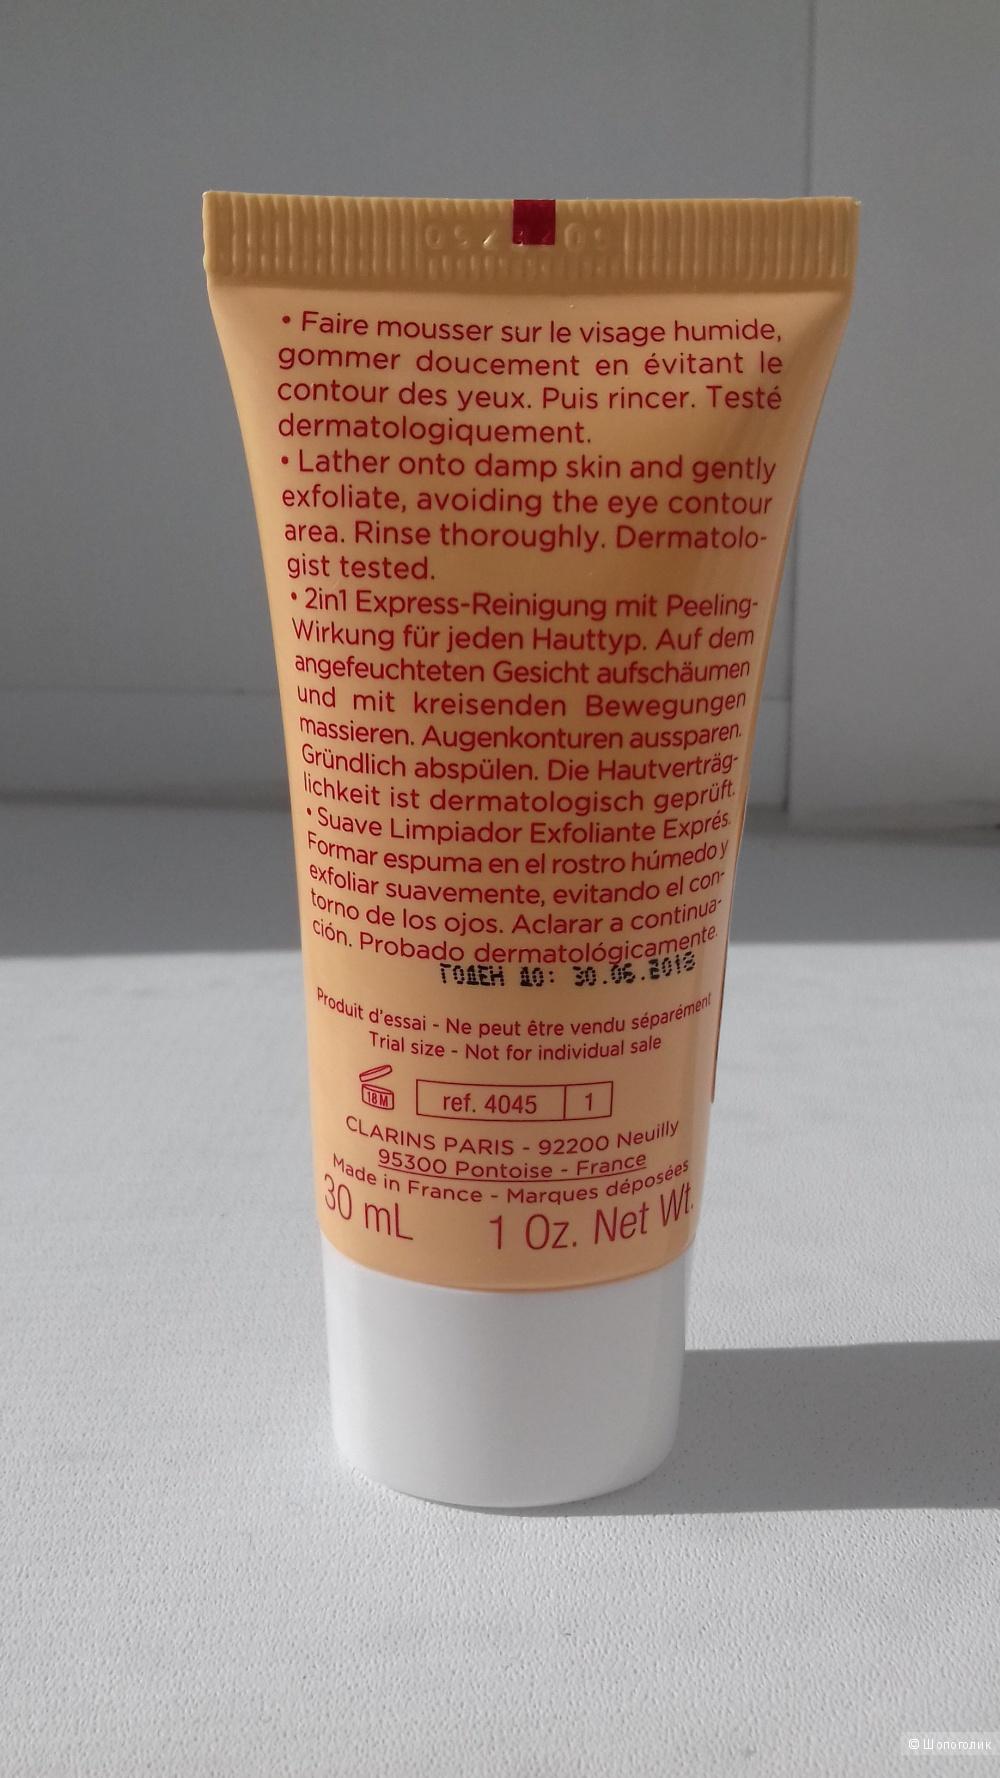 Очищающий пенящийся крем с отшелушивающим эффектом Clarins, 30 мл